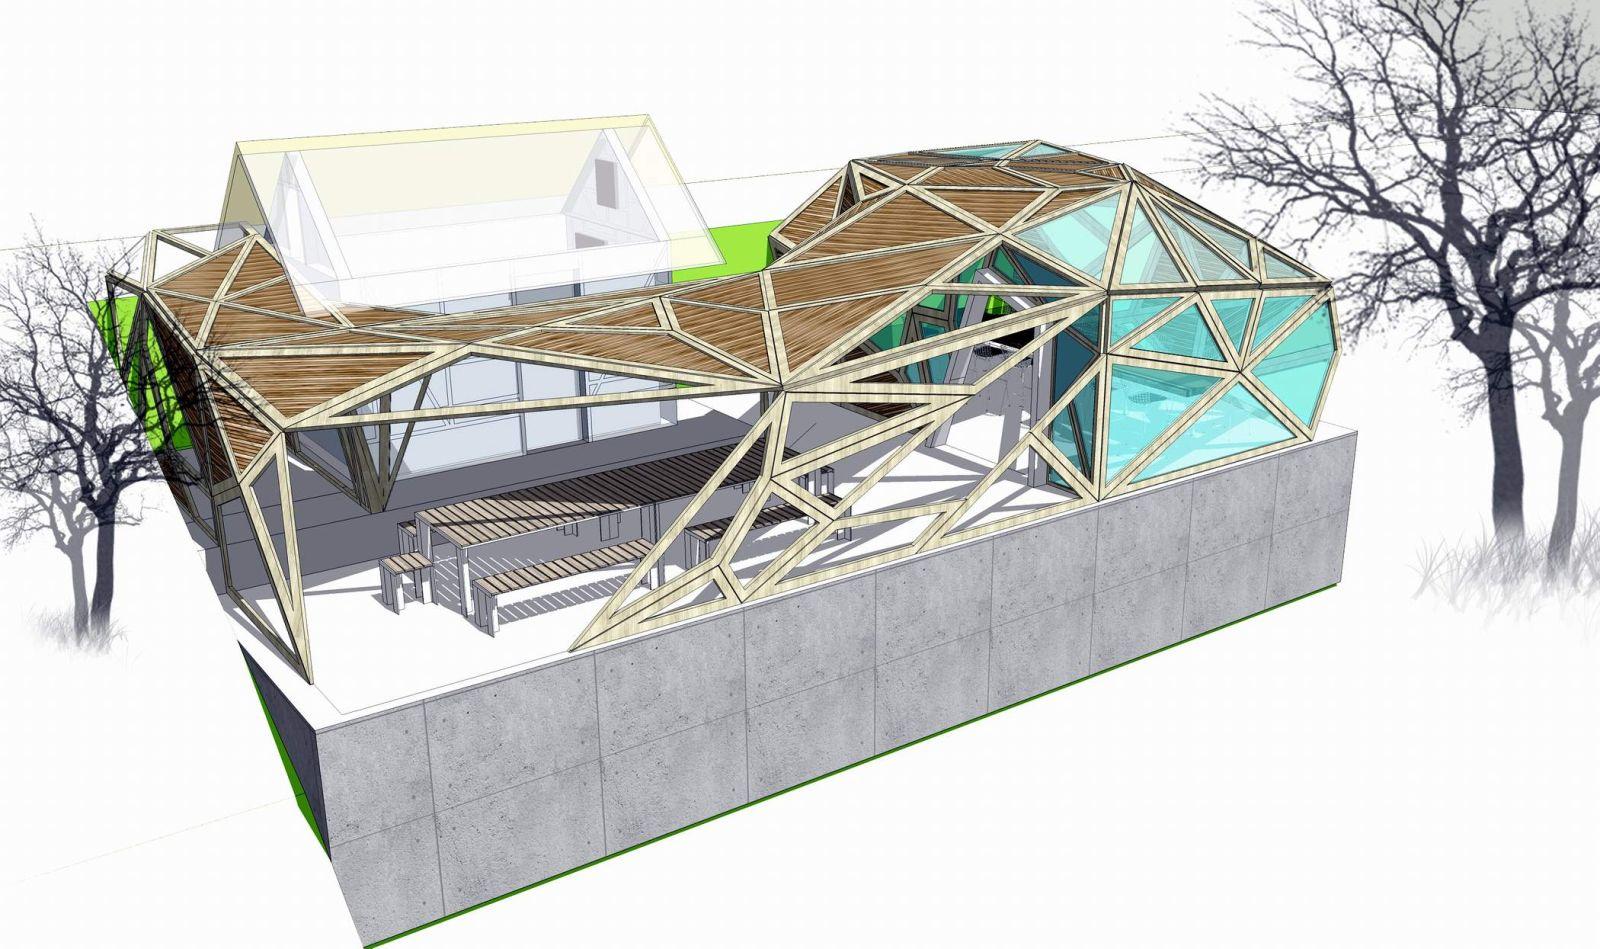 Expansion s cottage by herrmanns architekten 03 for 03 architekten